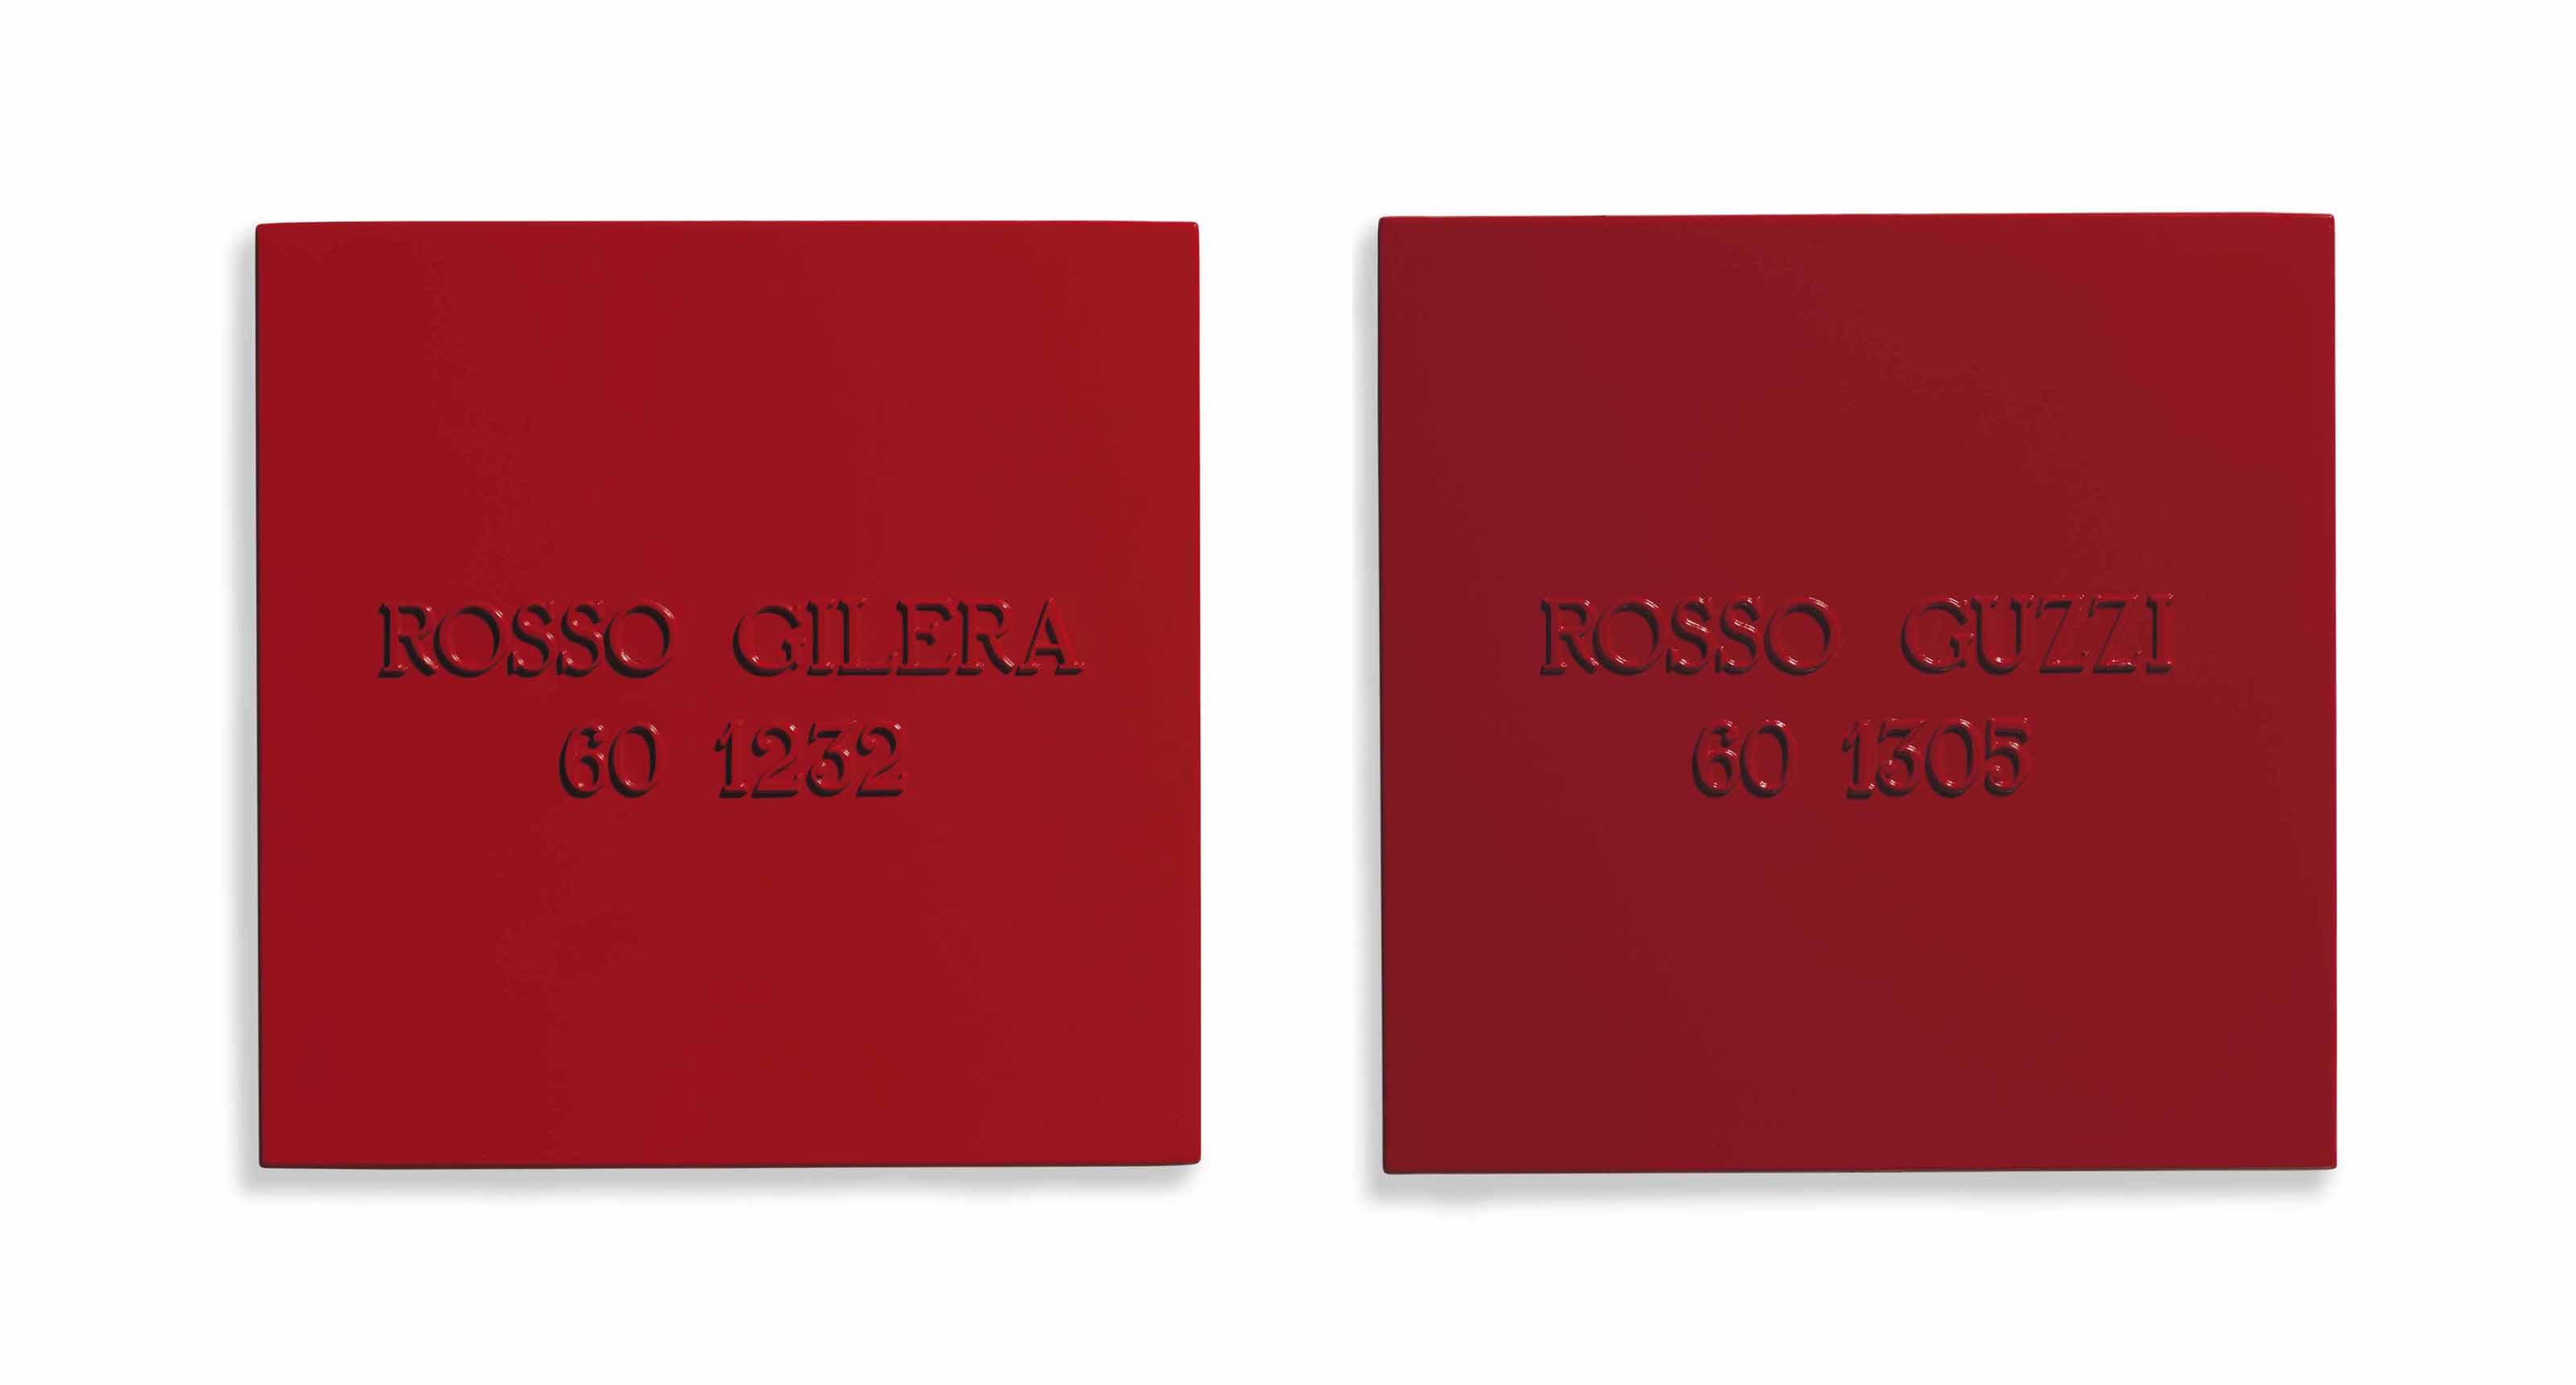 Rosso Gilera 60 1232 - Rosso Guzzi 60 1305